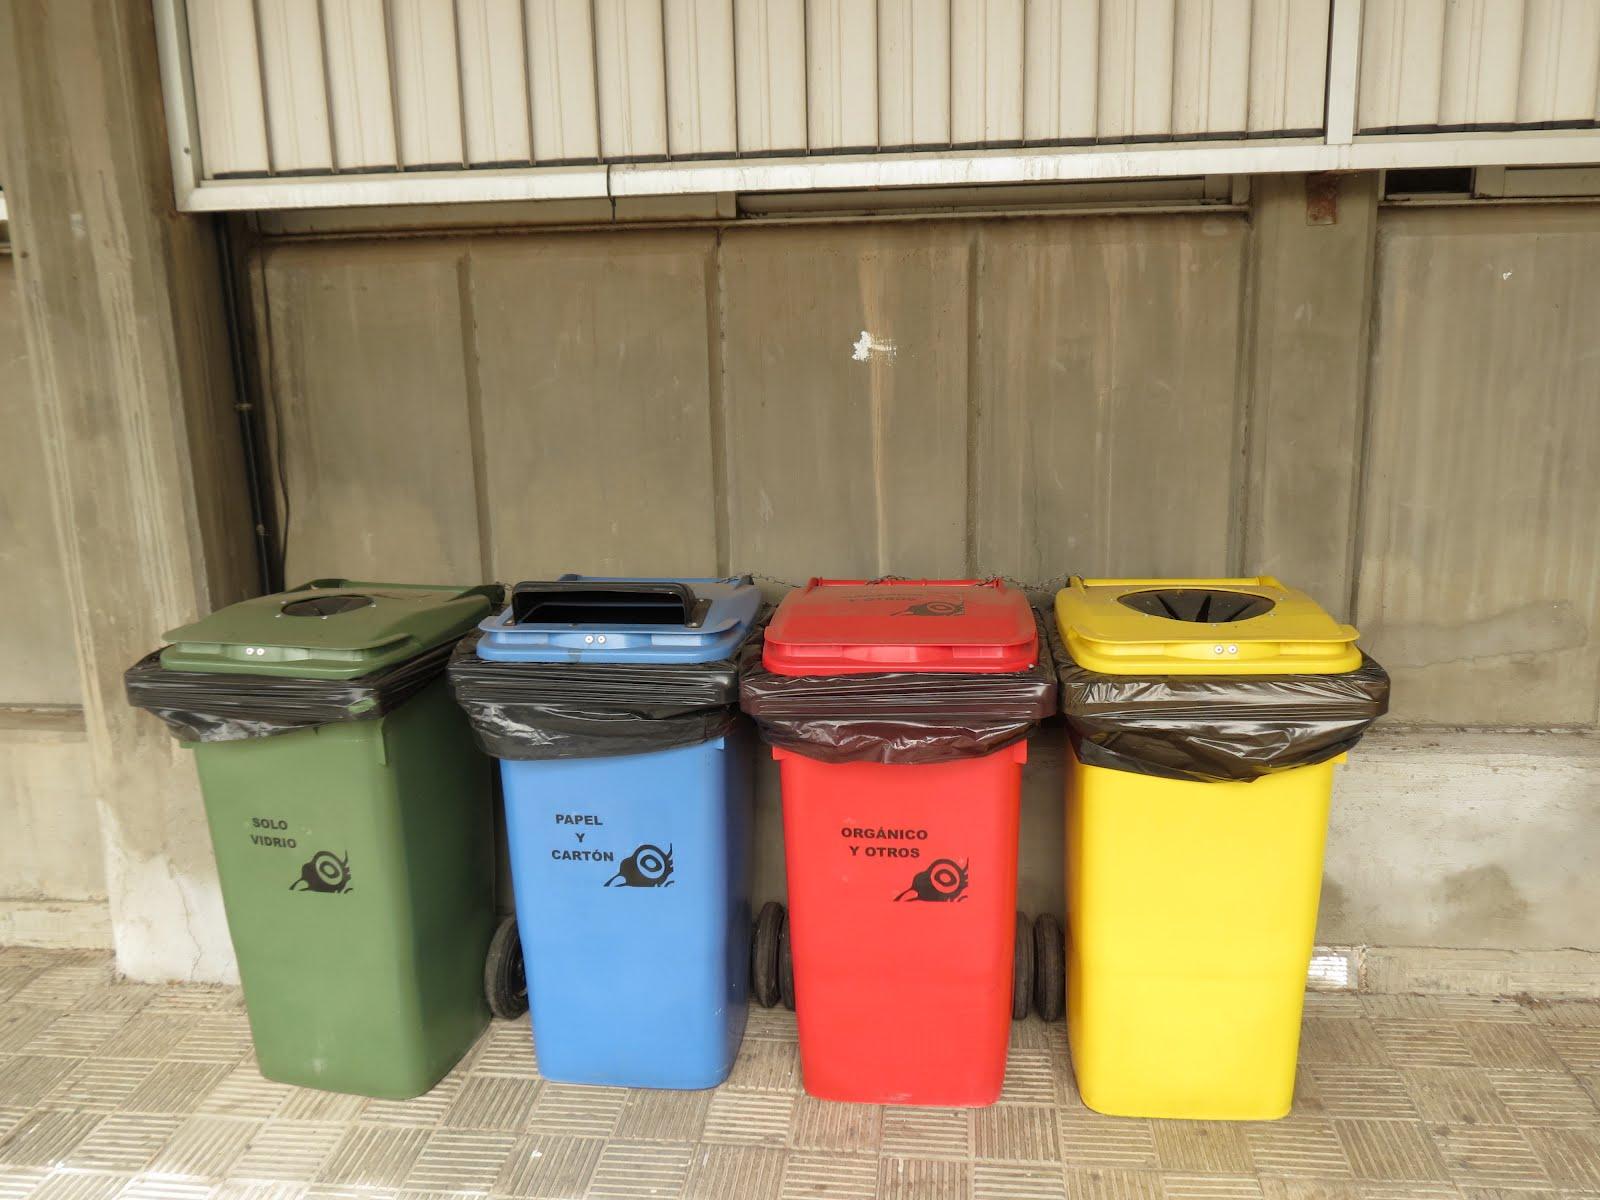 Identificaci n cubos reciclaje del centro comit for Cubos de reciclaje